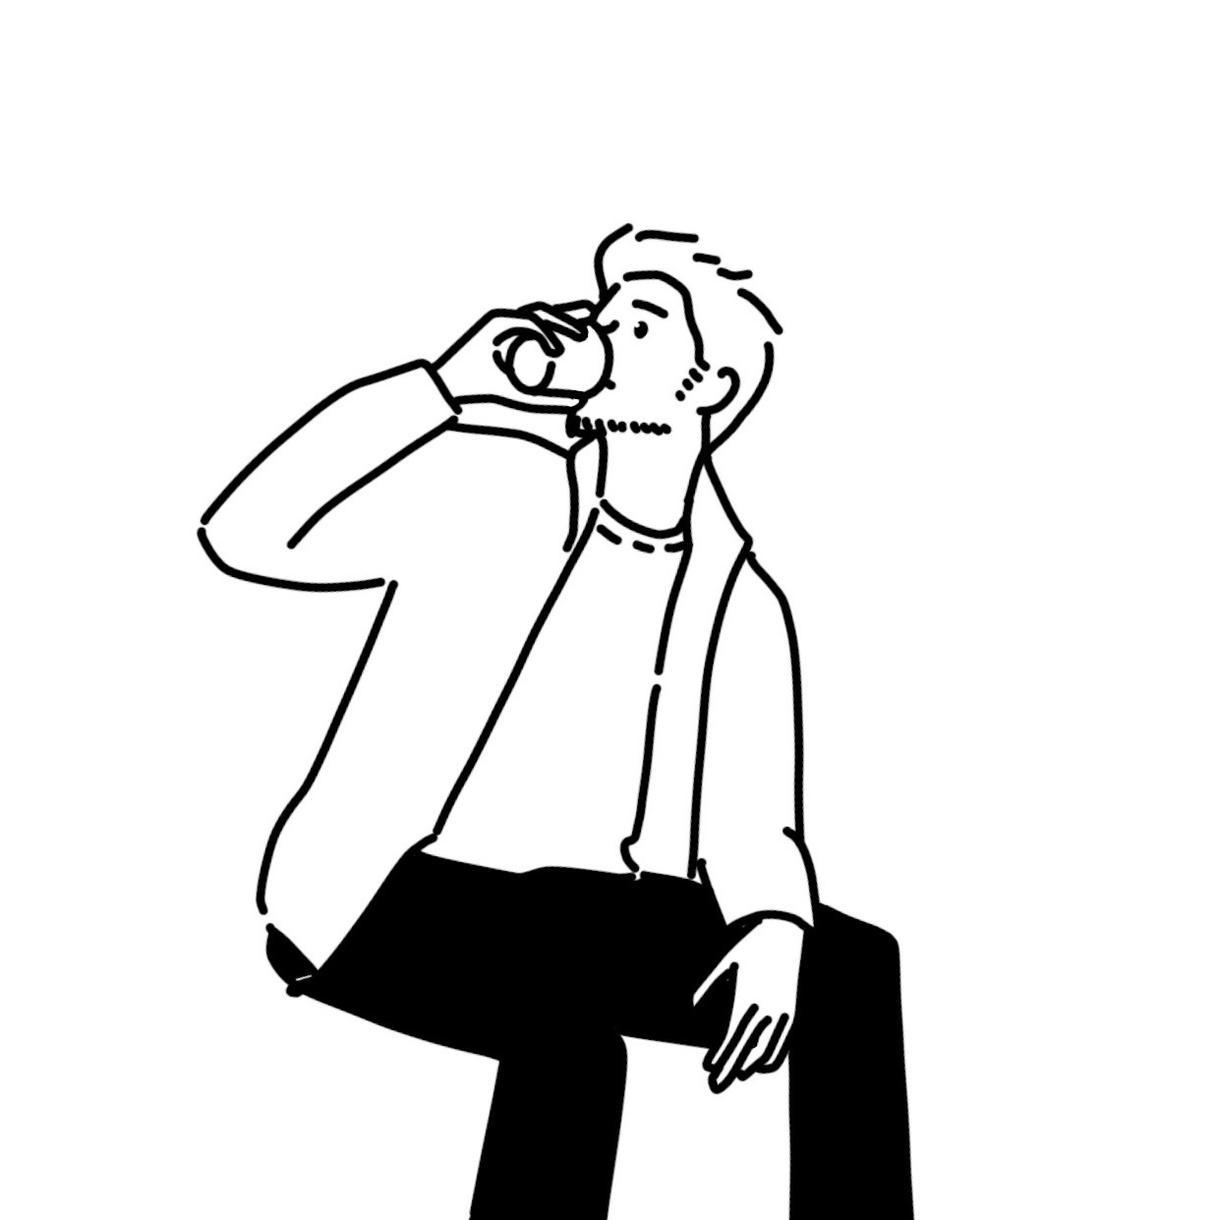 お写真からシンプルなイラストをお描きします SNSアイコンや名刺の挿絵など、おしゃれにしませんか?